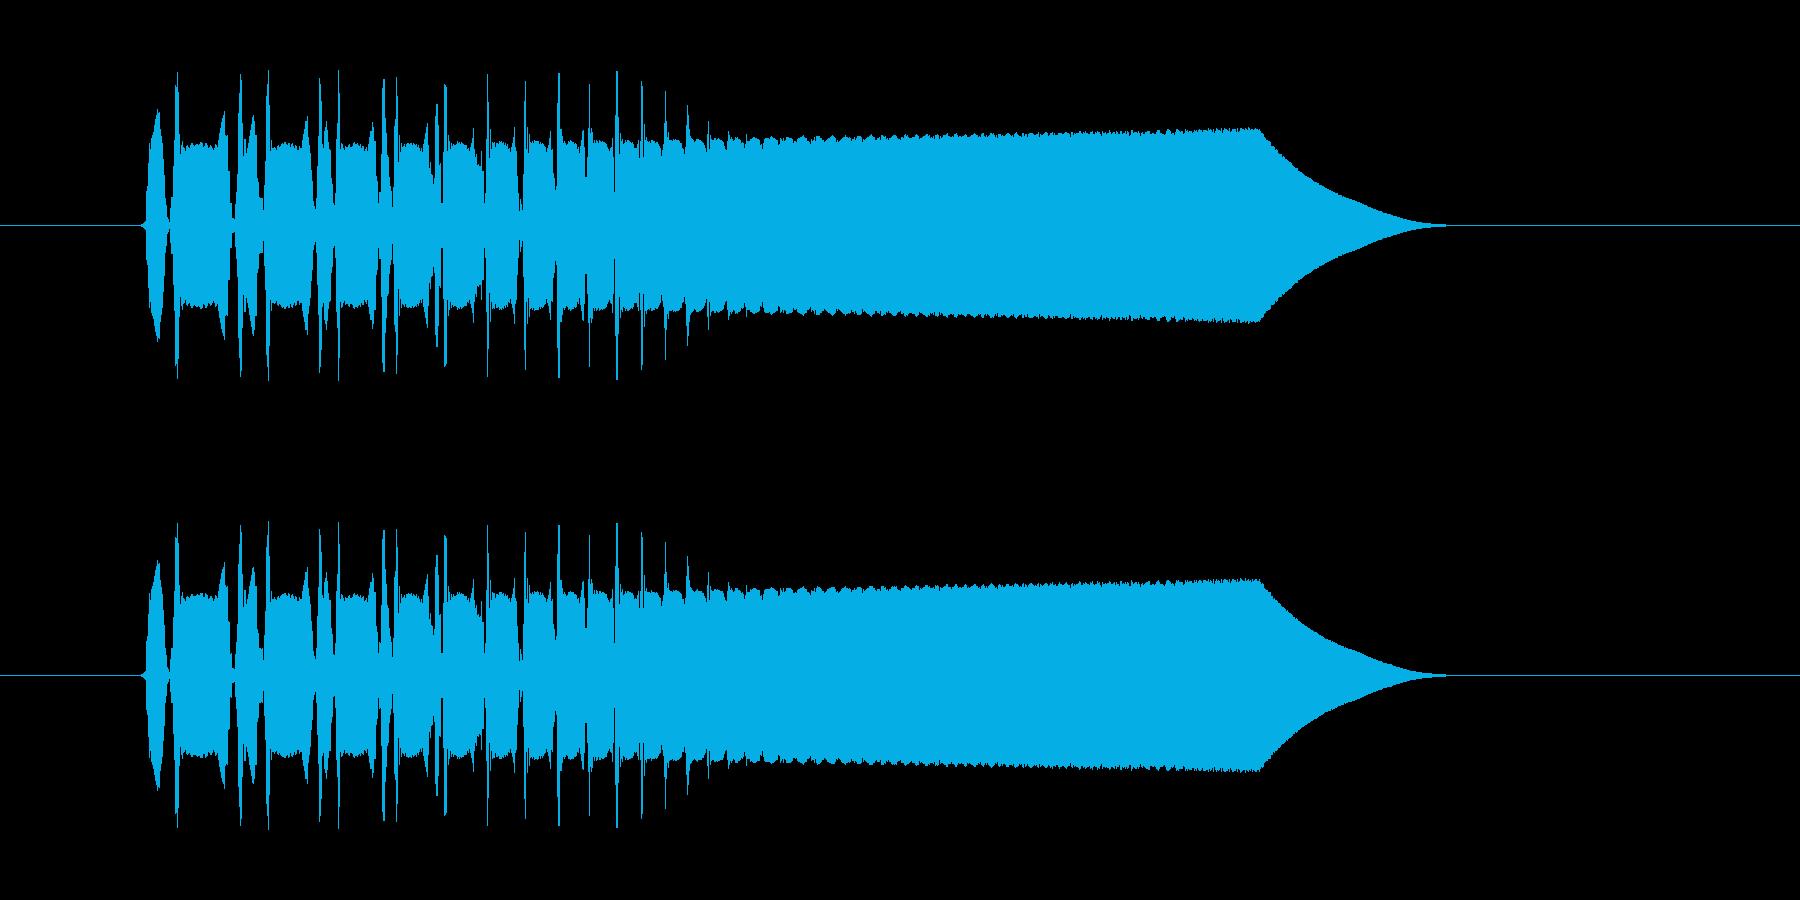 どんどん早くなる、電子音の再生済みの波形